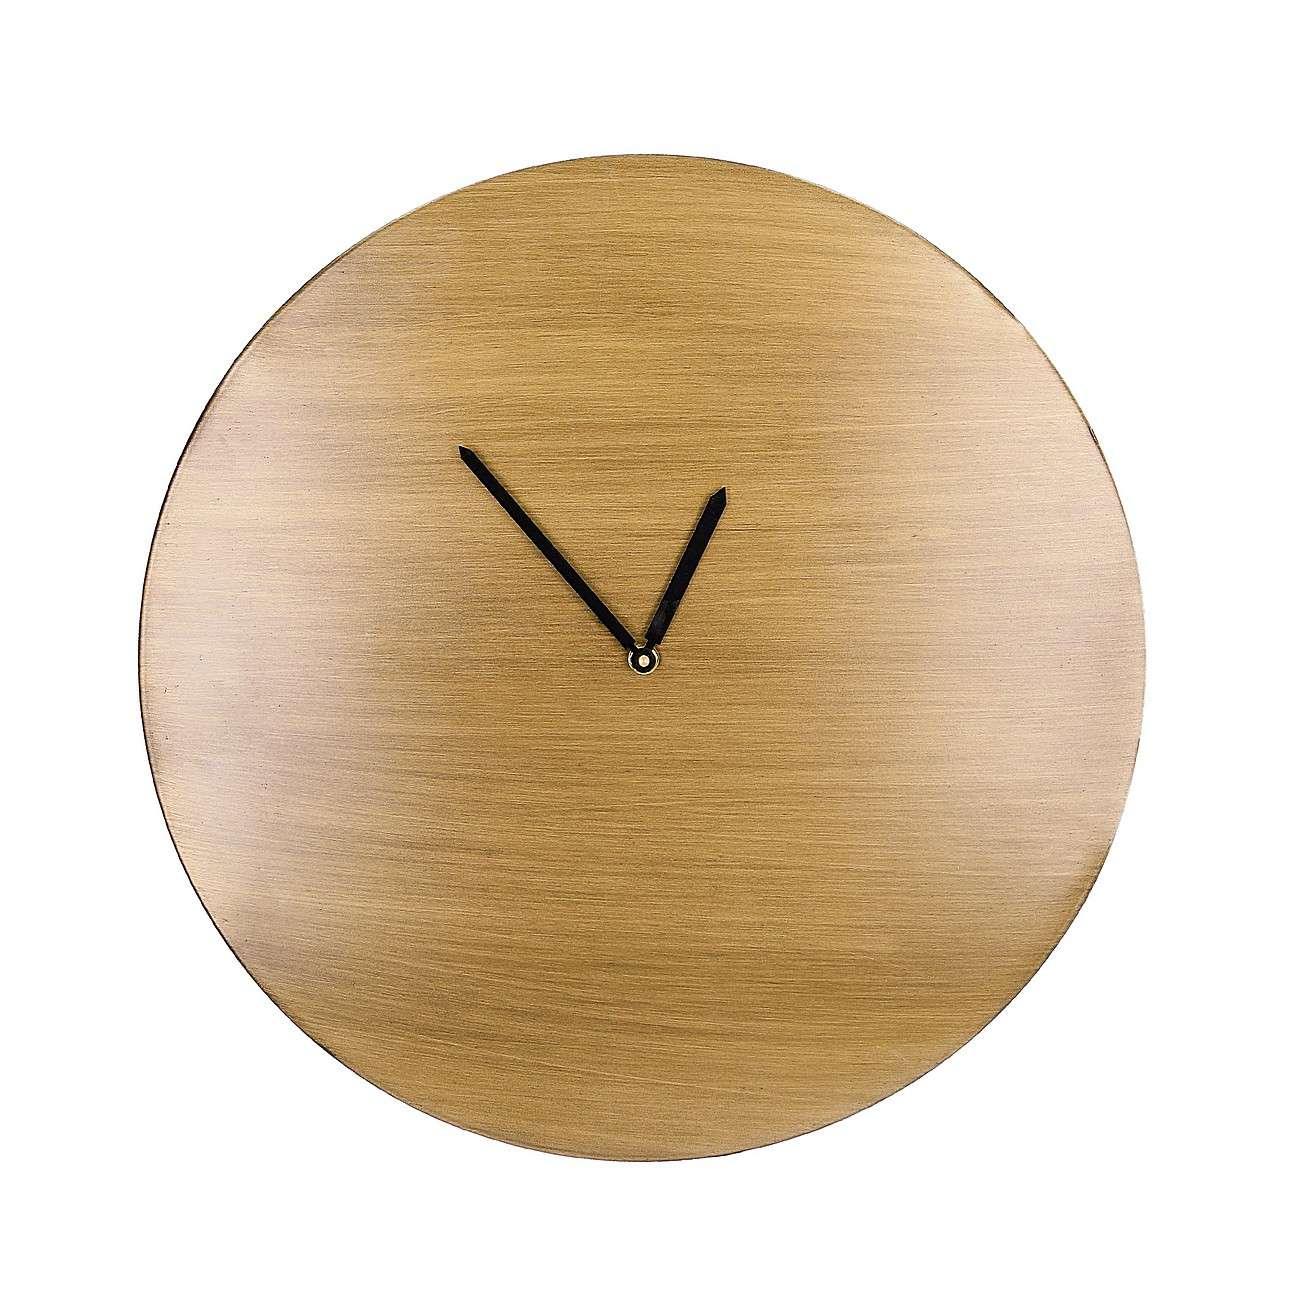 Wanduhr Sono 45 cm, 45 cm | Dekoration > Uhren > Wanduhren | Dekoria